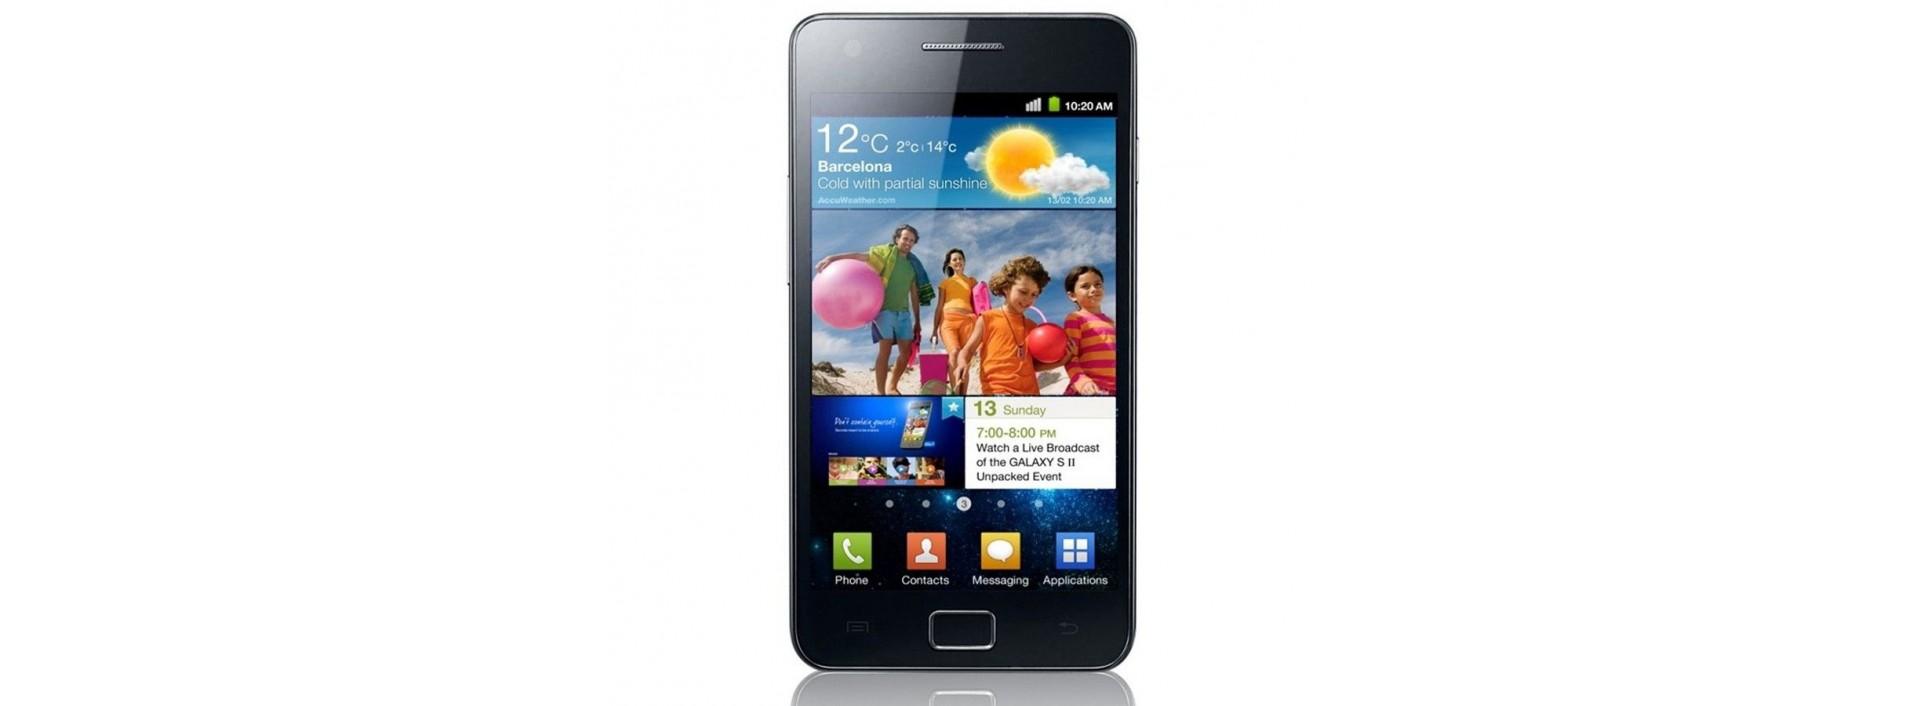 Fundas PERSONALIZADAS Samsung Galaxy S2,compra ya, Envío Gratis en TMS